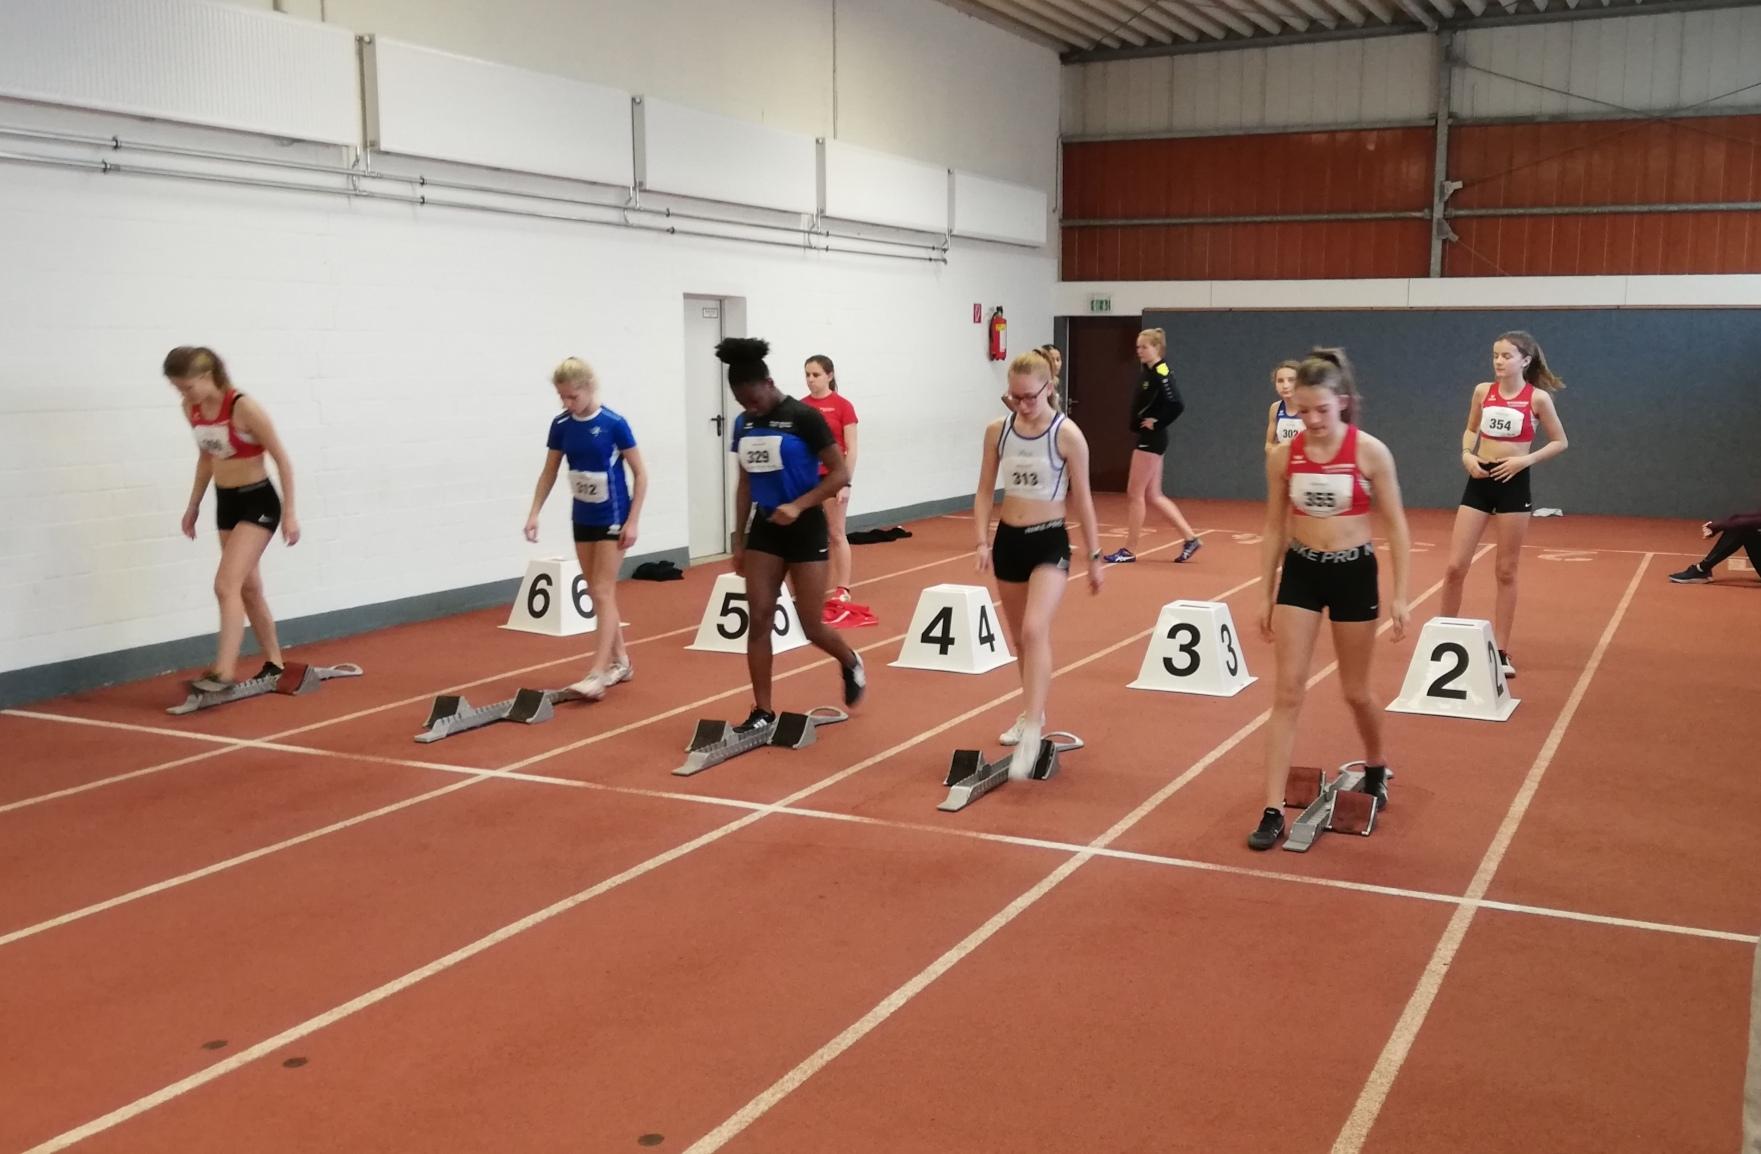 Atletiek toernooien in Duitsland door Esmee Mulder